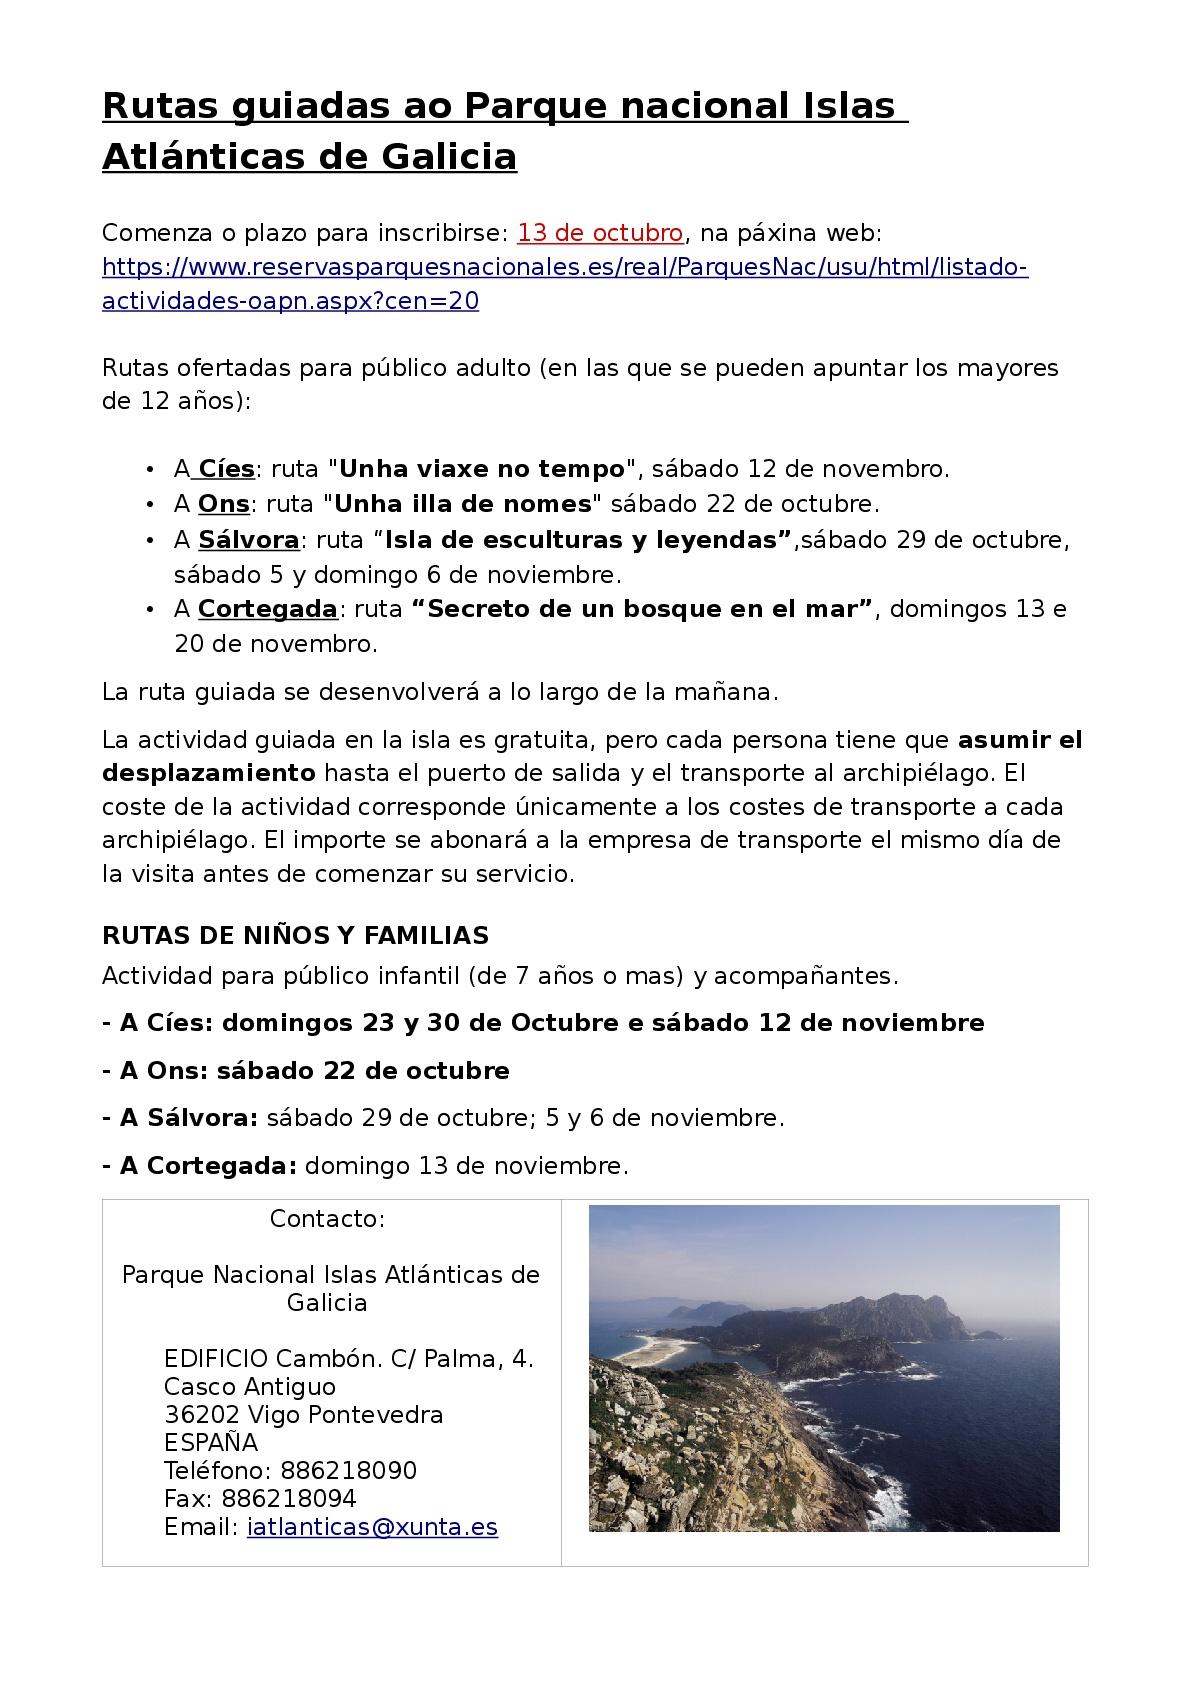 Rutas guiadas ao Parque Nacional Islas Atlánticas de Galicia